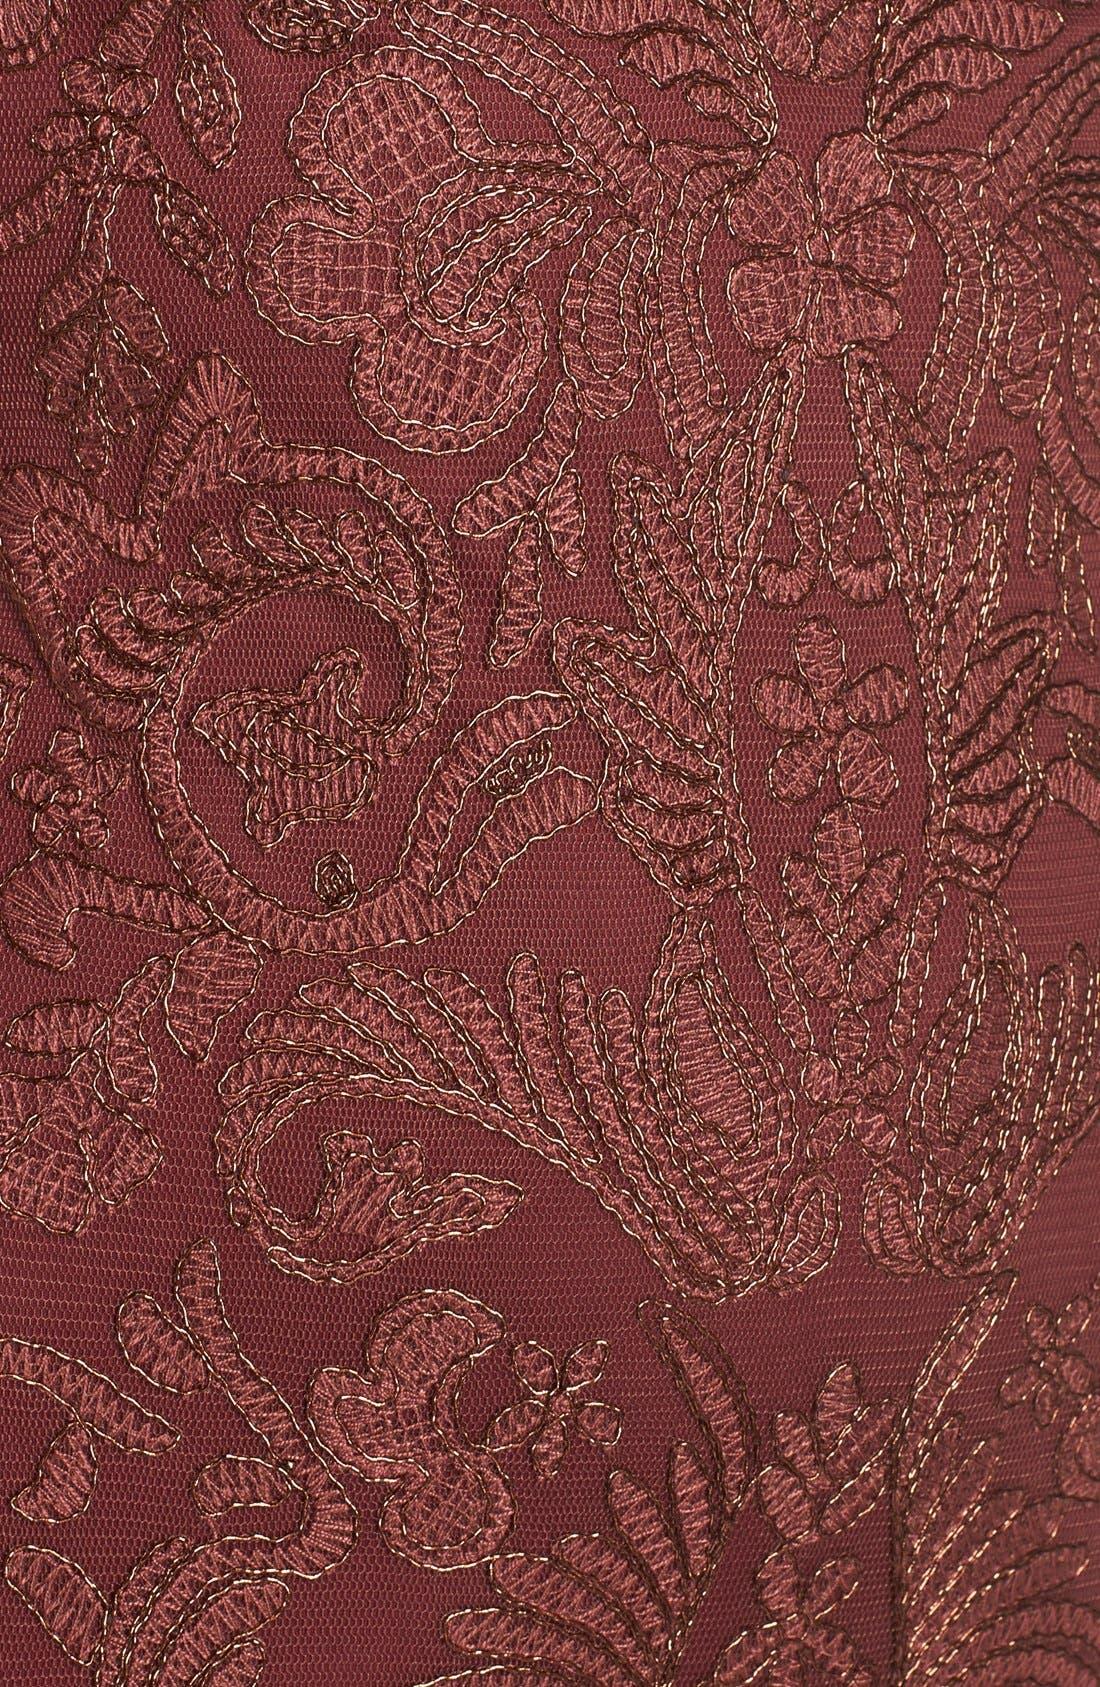 Illusion Yoke Lace Sheath Dress,                             Alternate thumbnail 50, color,